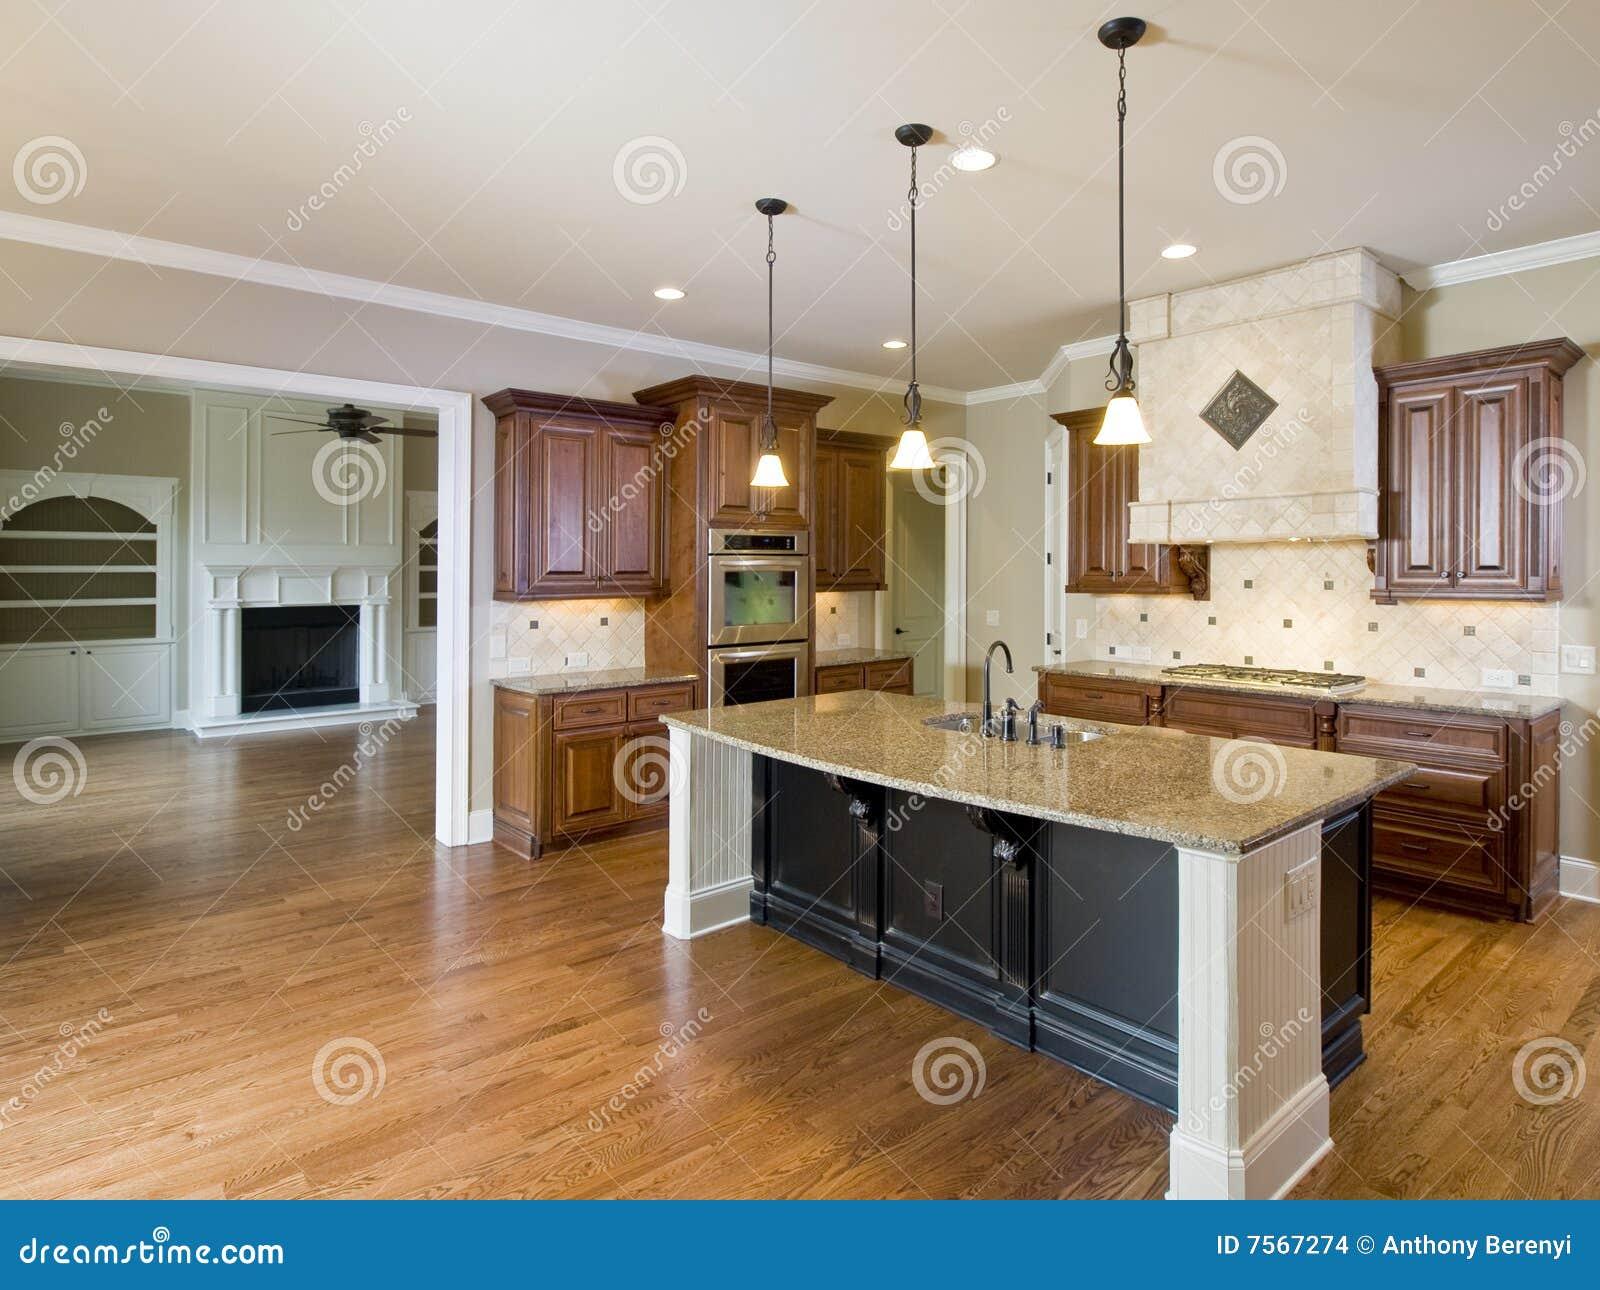 Cocina y sala de estar interiores caseras de lujo imagenes for Sala de estar y cocina